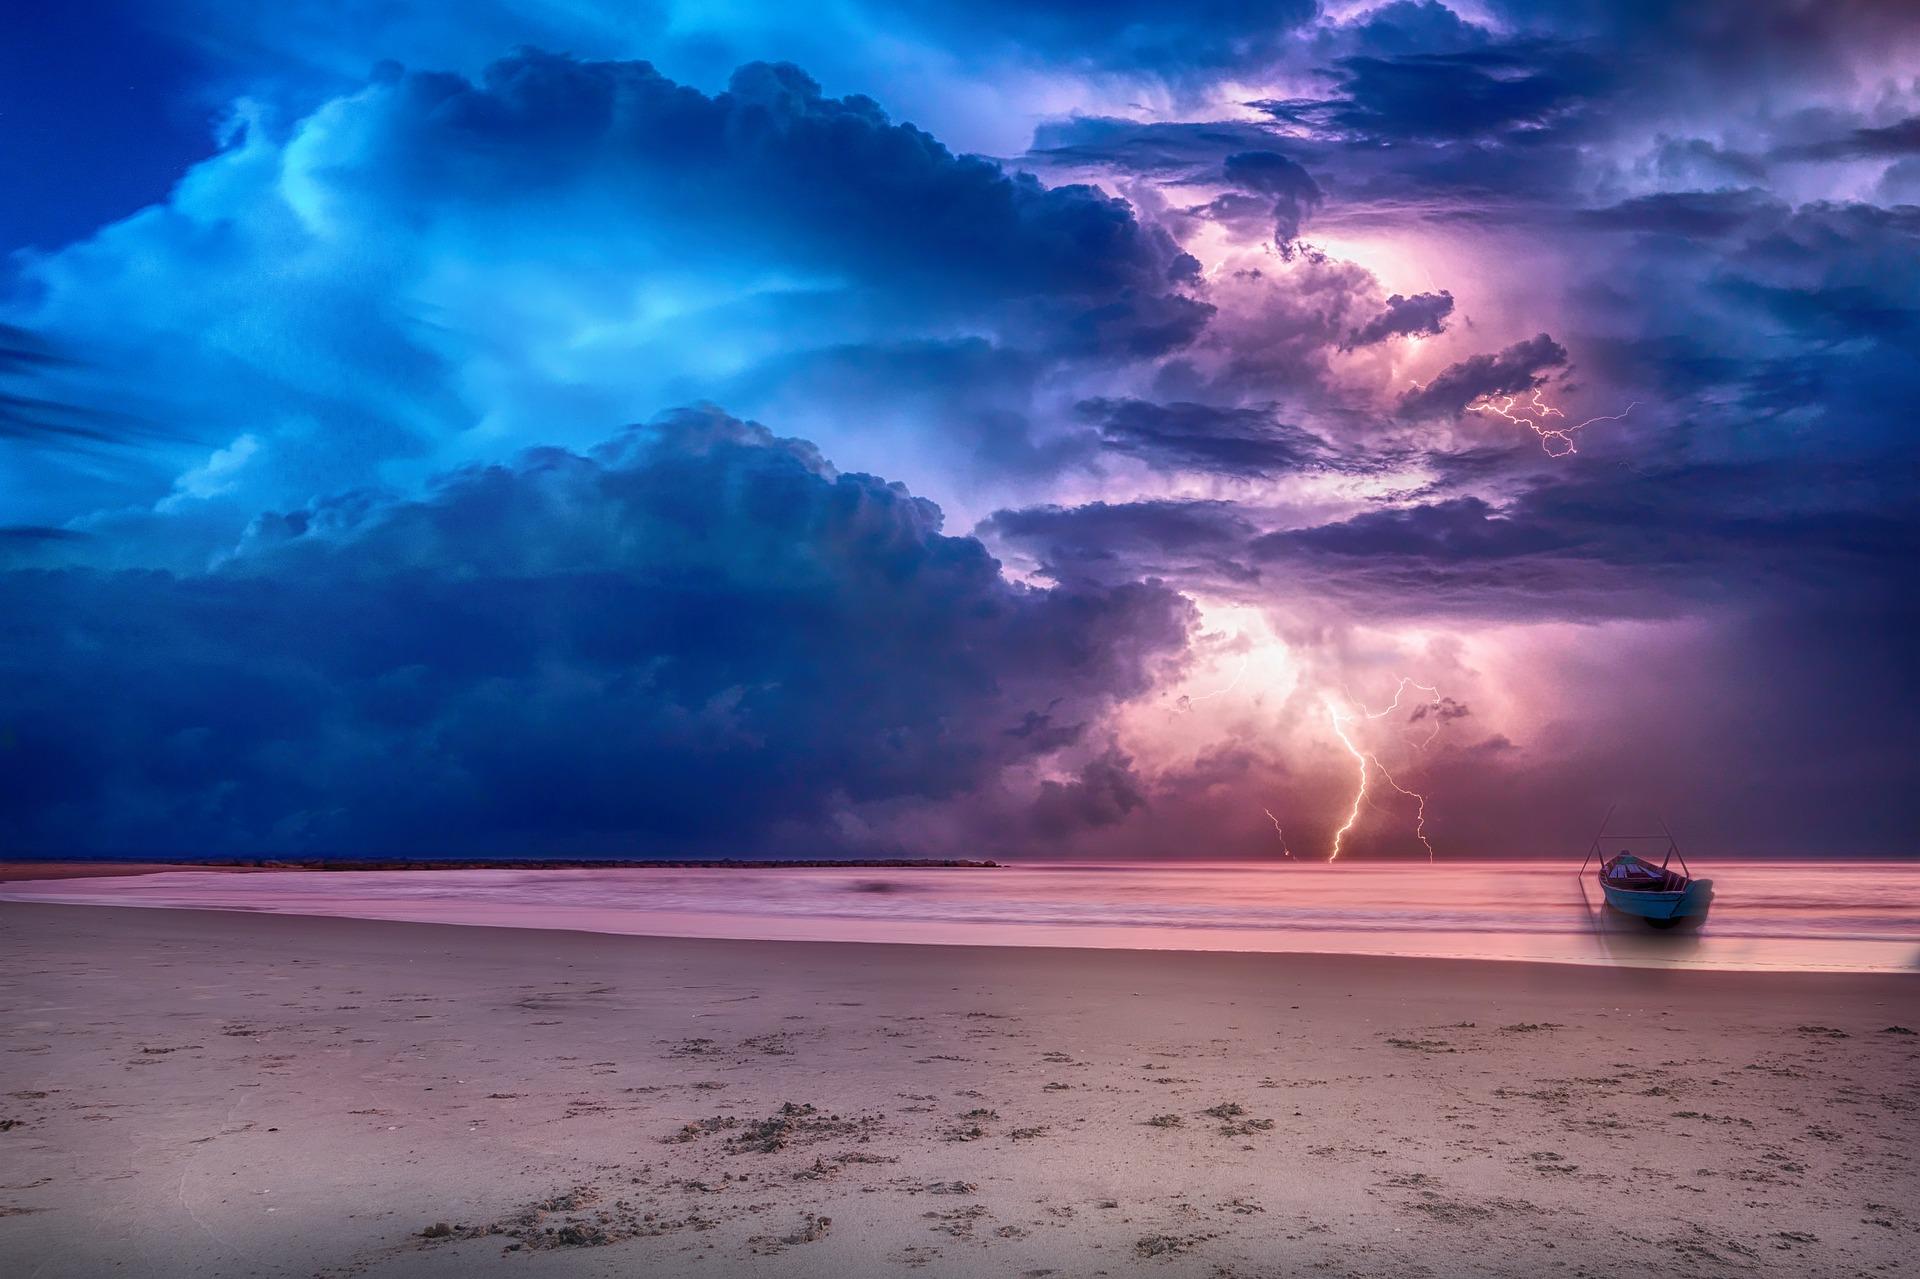 15 September Storm Sunday